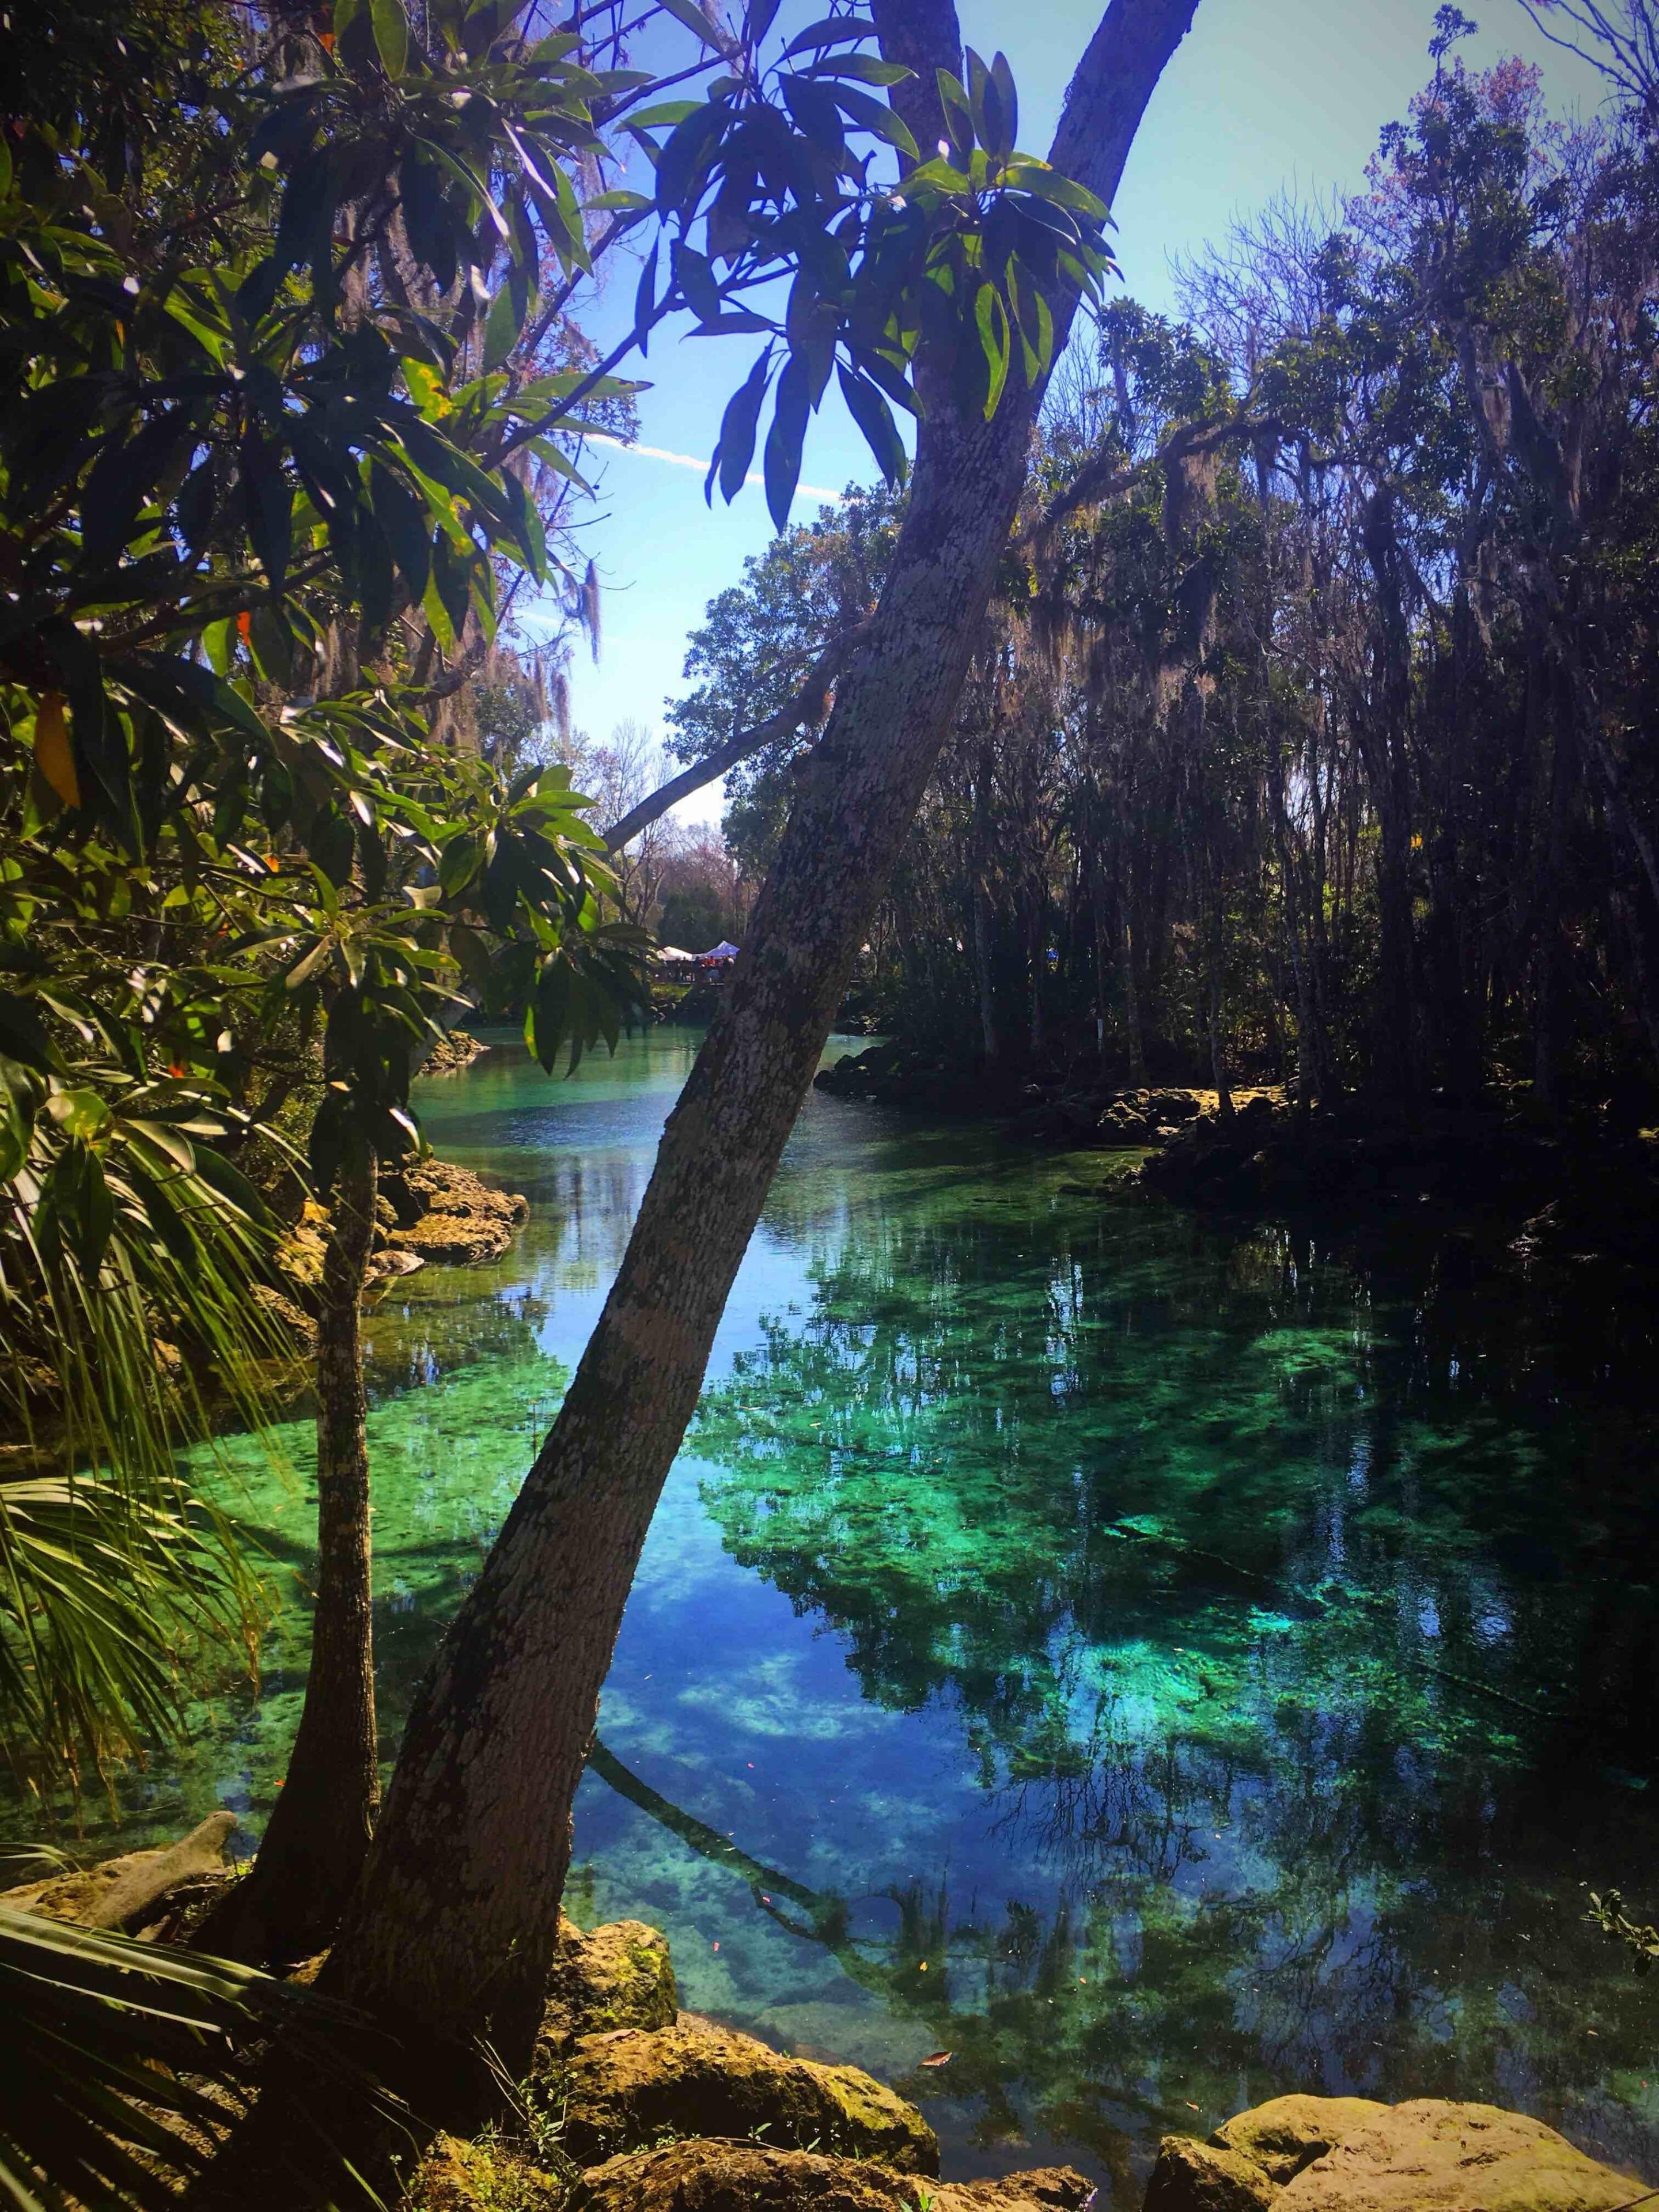 Springs at Kings Bay, Crystal River, Florida, USA